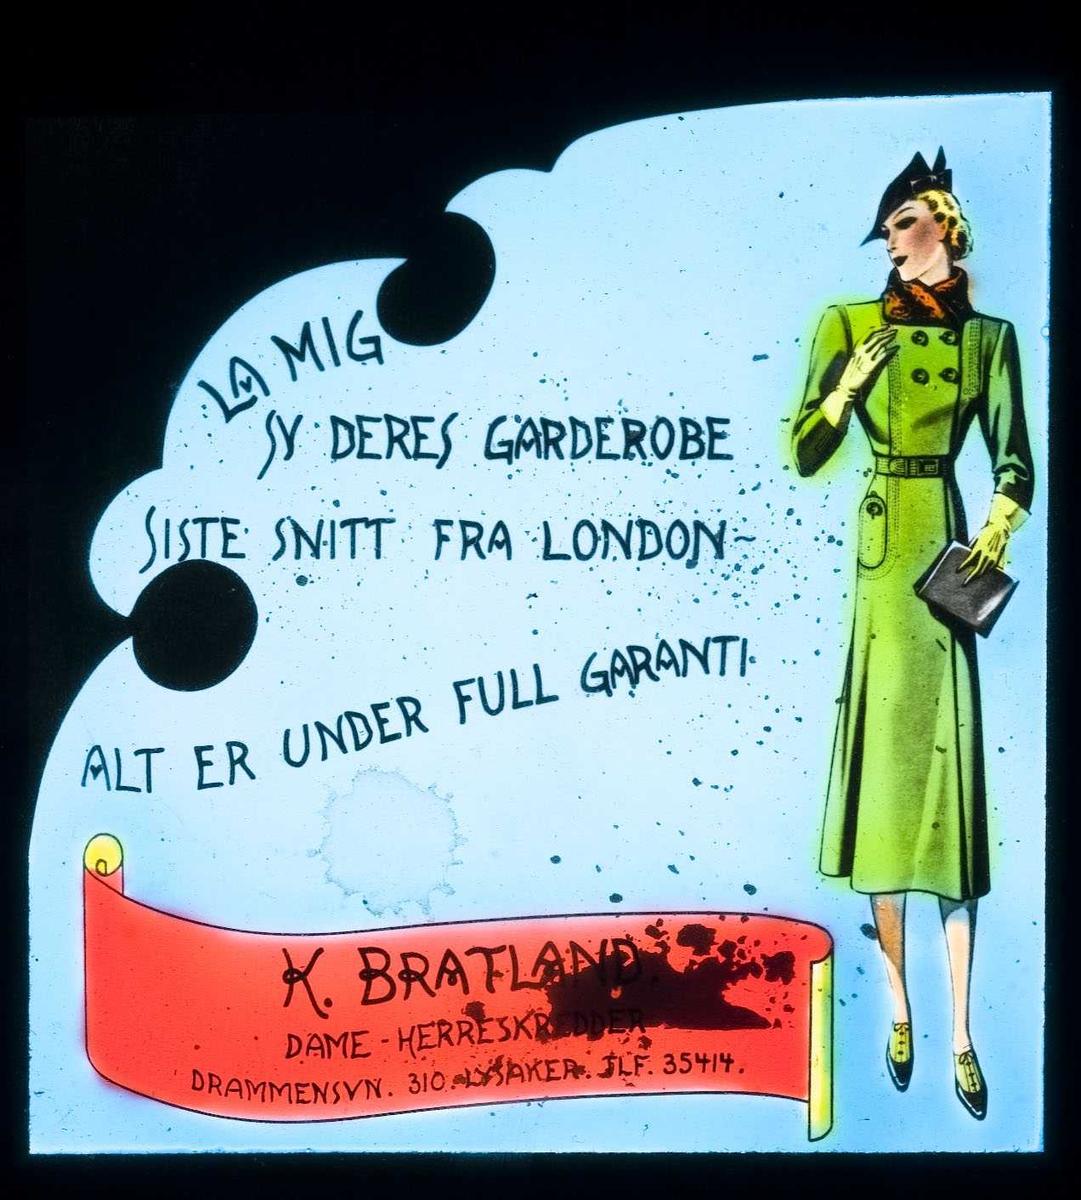 Kinoreklame fra Ski. La mig sy Deres garderobe. Siste snitt fra London- alt er under full garanti. K. Fratlands dame - herreskredder. Drammensvn. 310, Lysaker.